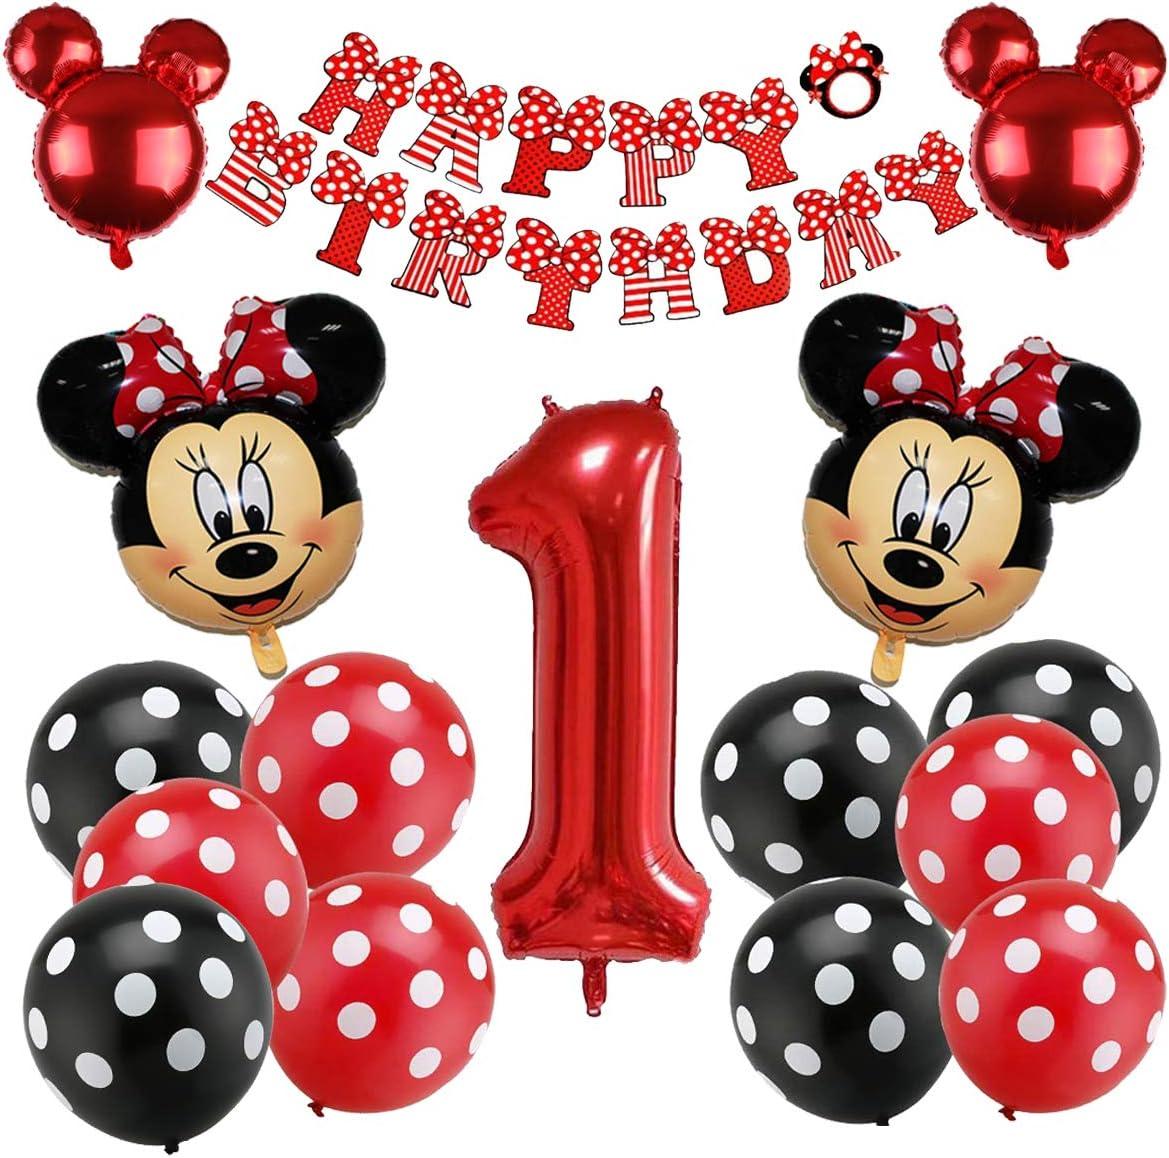 Mickey Party Globos, Decoraciones de cumpleaños de Mickey Mouse, Globos número para la Fiesta Temática de Mickey Mouse Artículos de Fiesta de Mickey y Minnie para Primer Cumpleaños